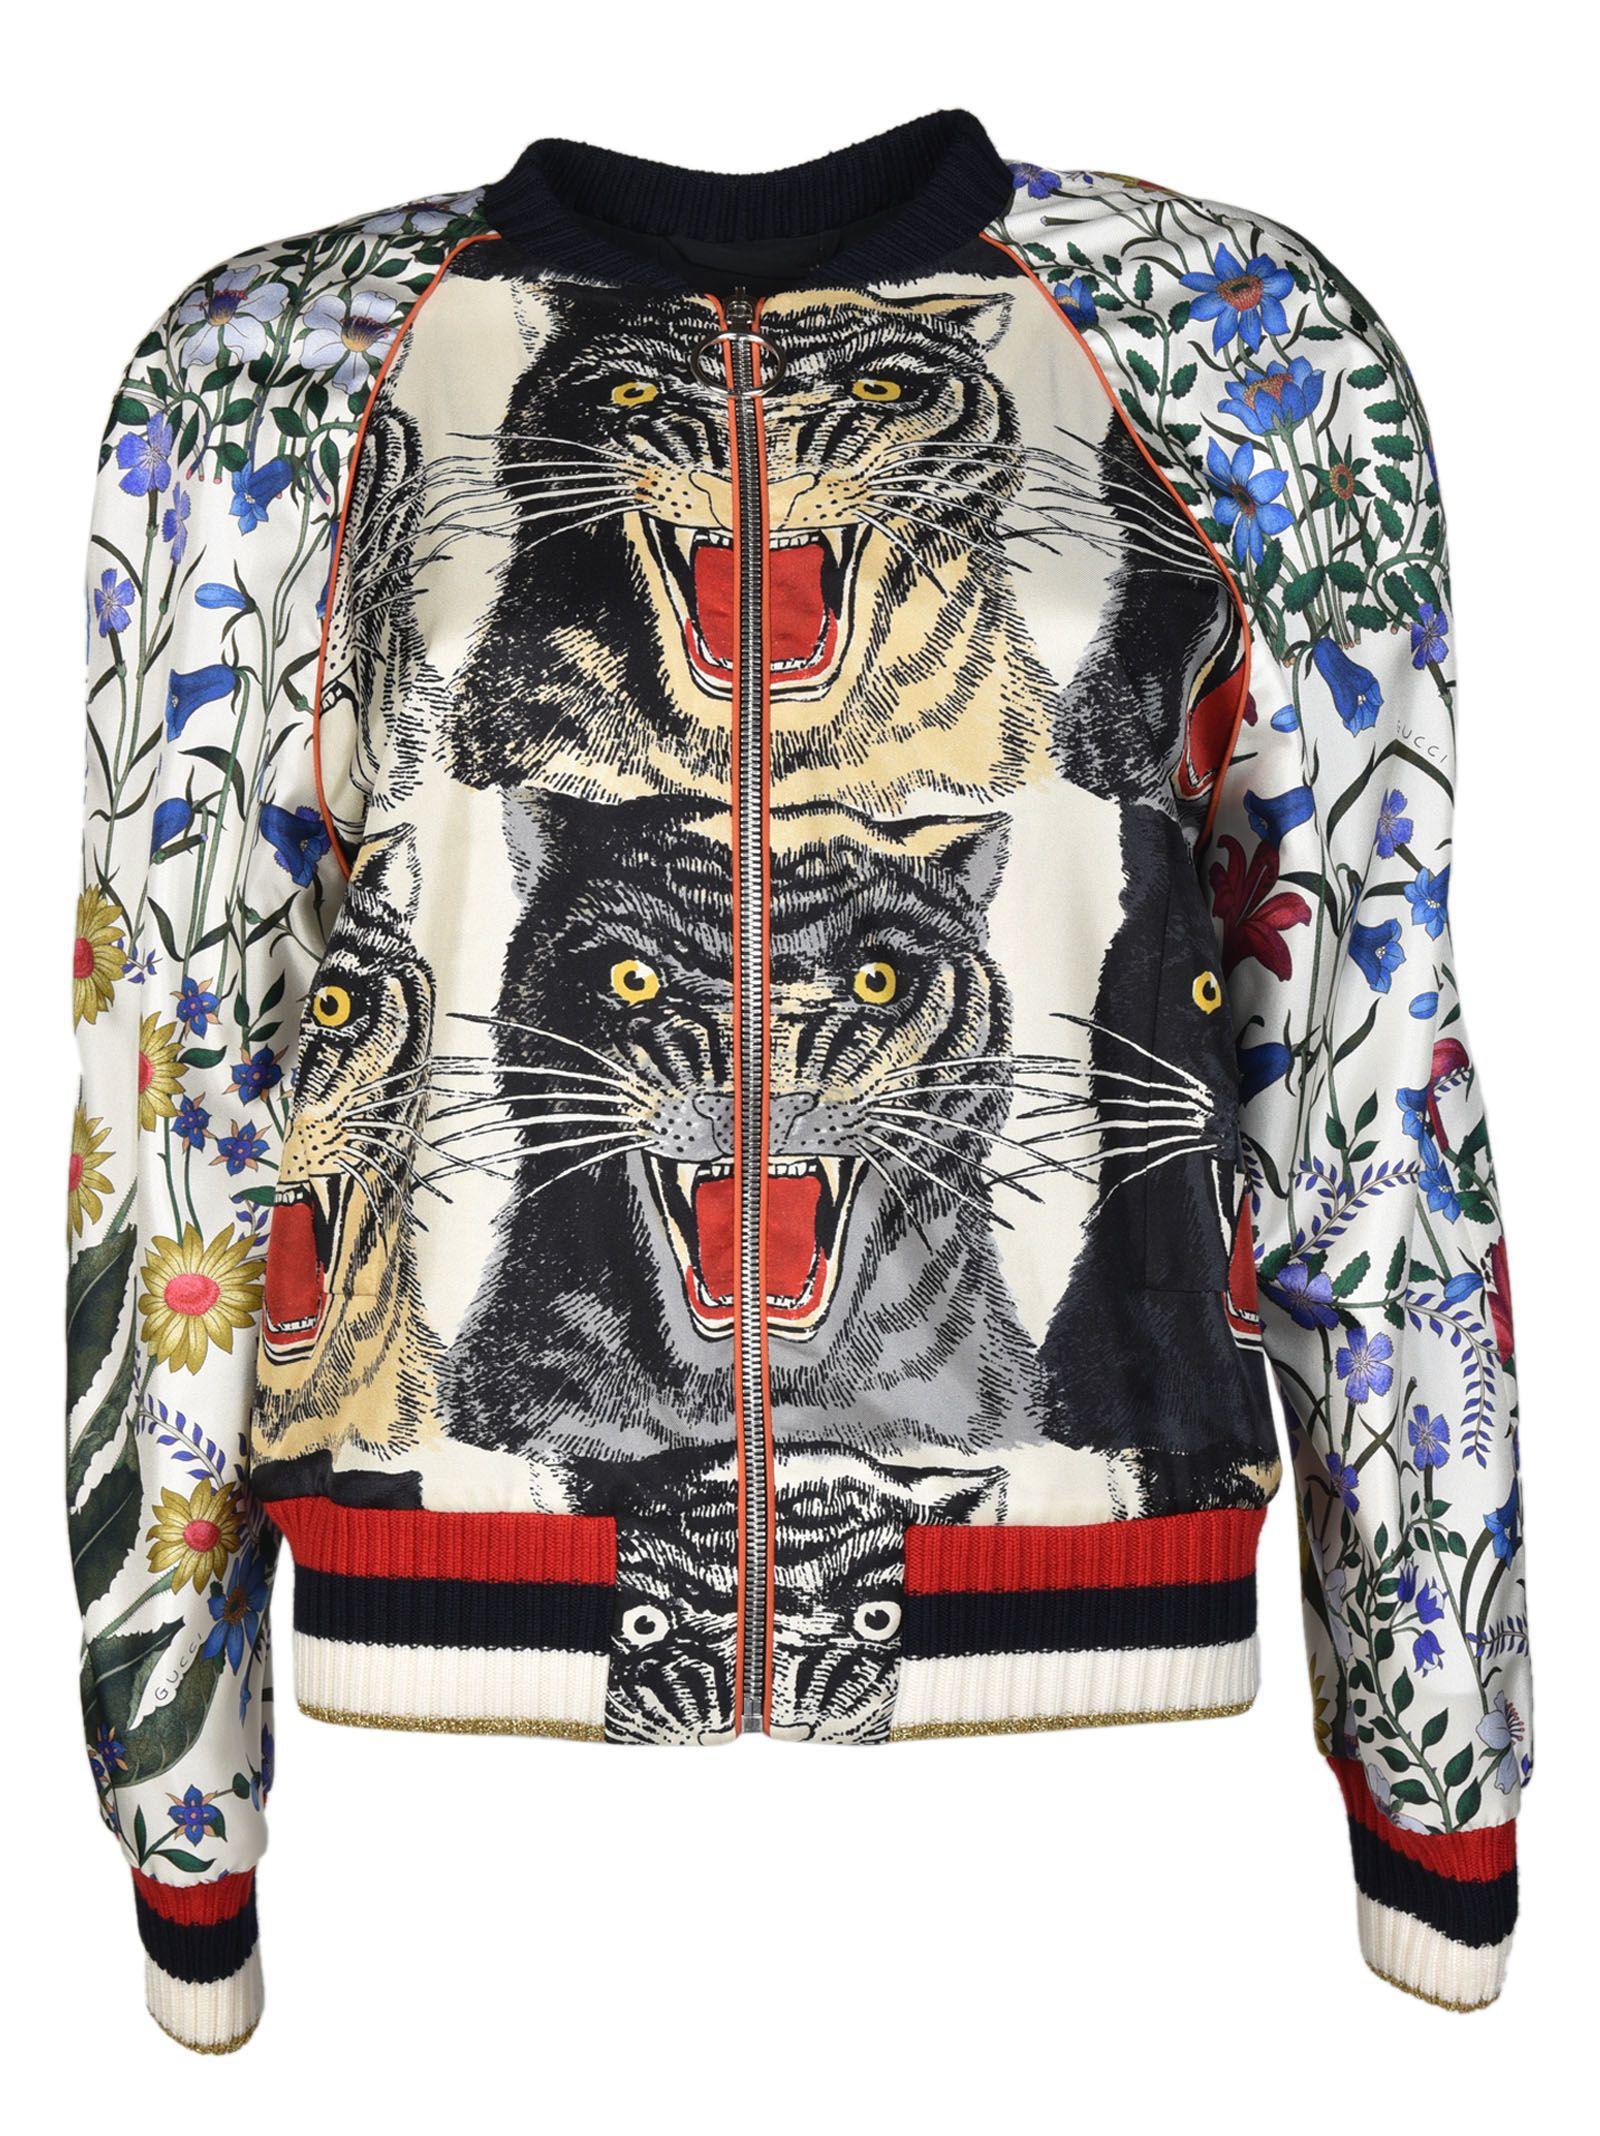 Gucci - Gucci Tiger Bomber Jacket - Multicolored, Women's Blazers ...